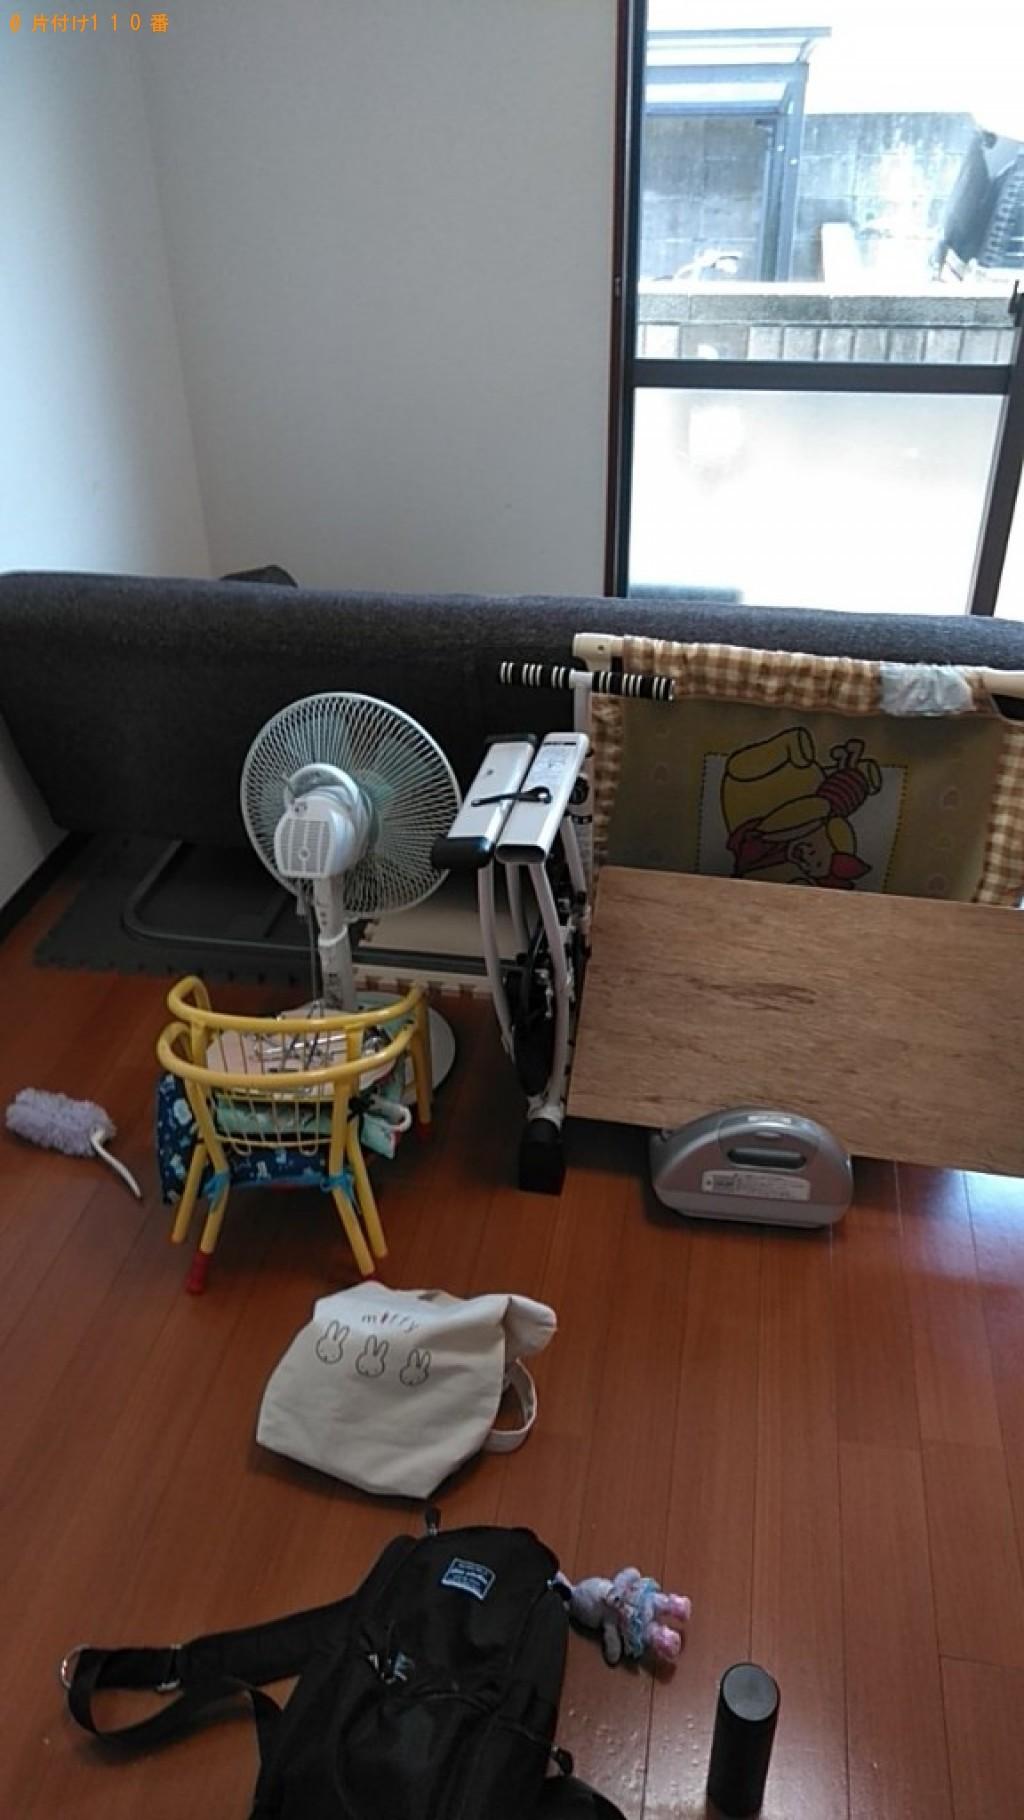 【宮崎市】ソファー、扇風機、椅子等の回収・処分ご依頼 お客様の声